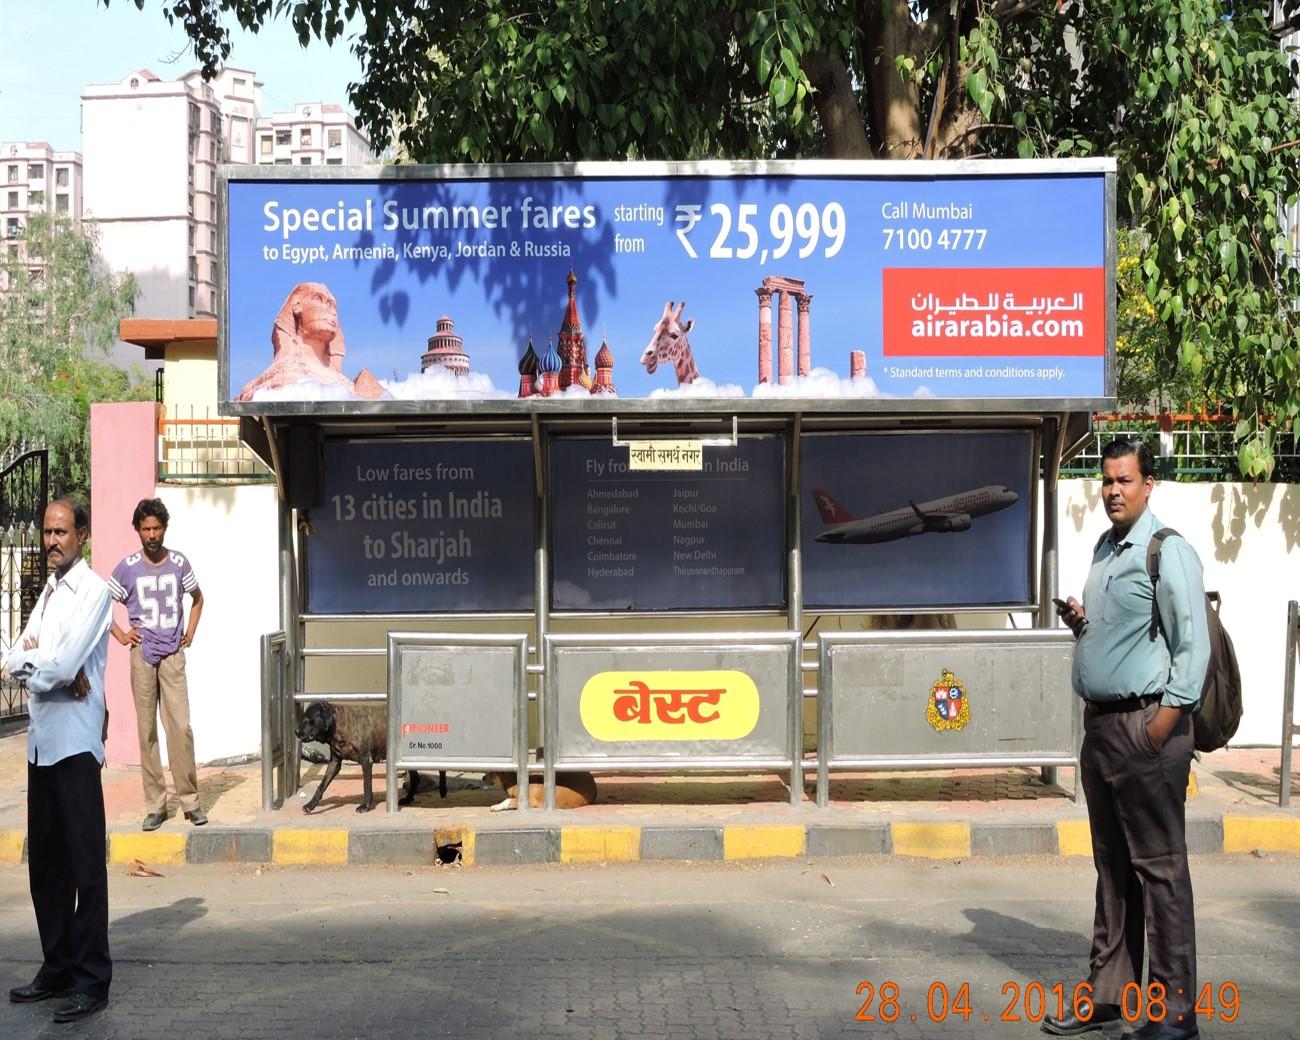 Swami Samarth Nagar Up 1st, Mumbai